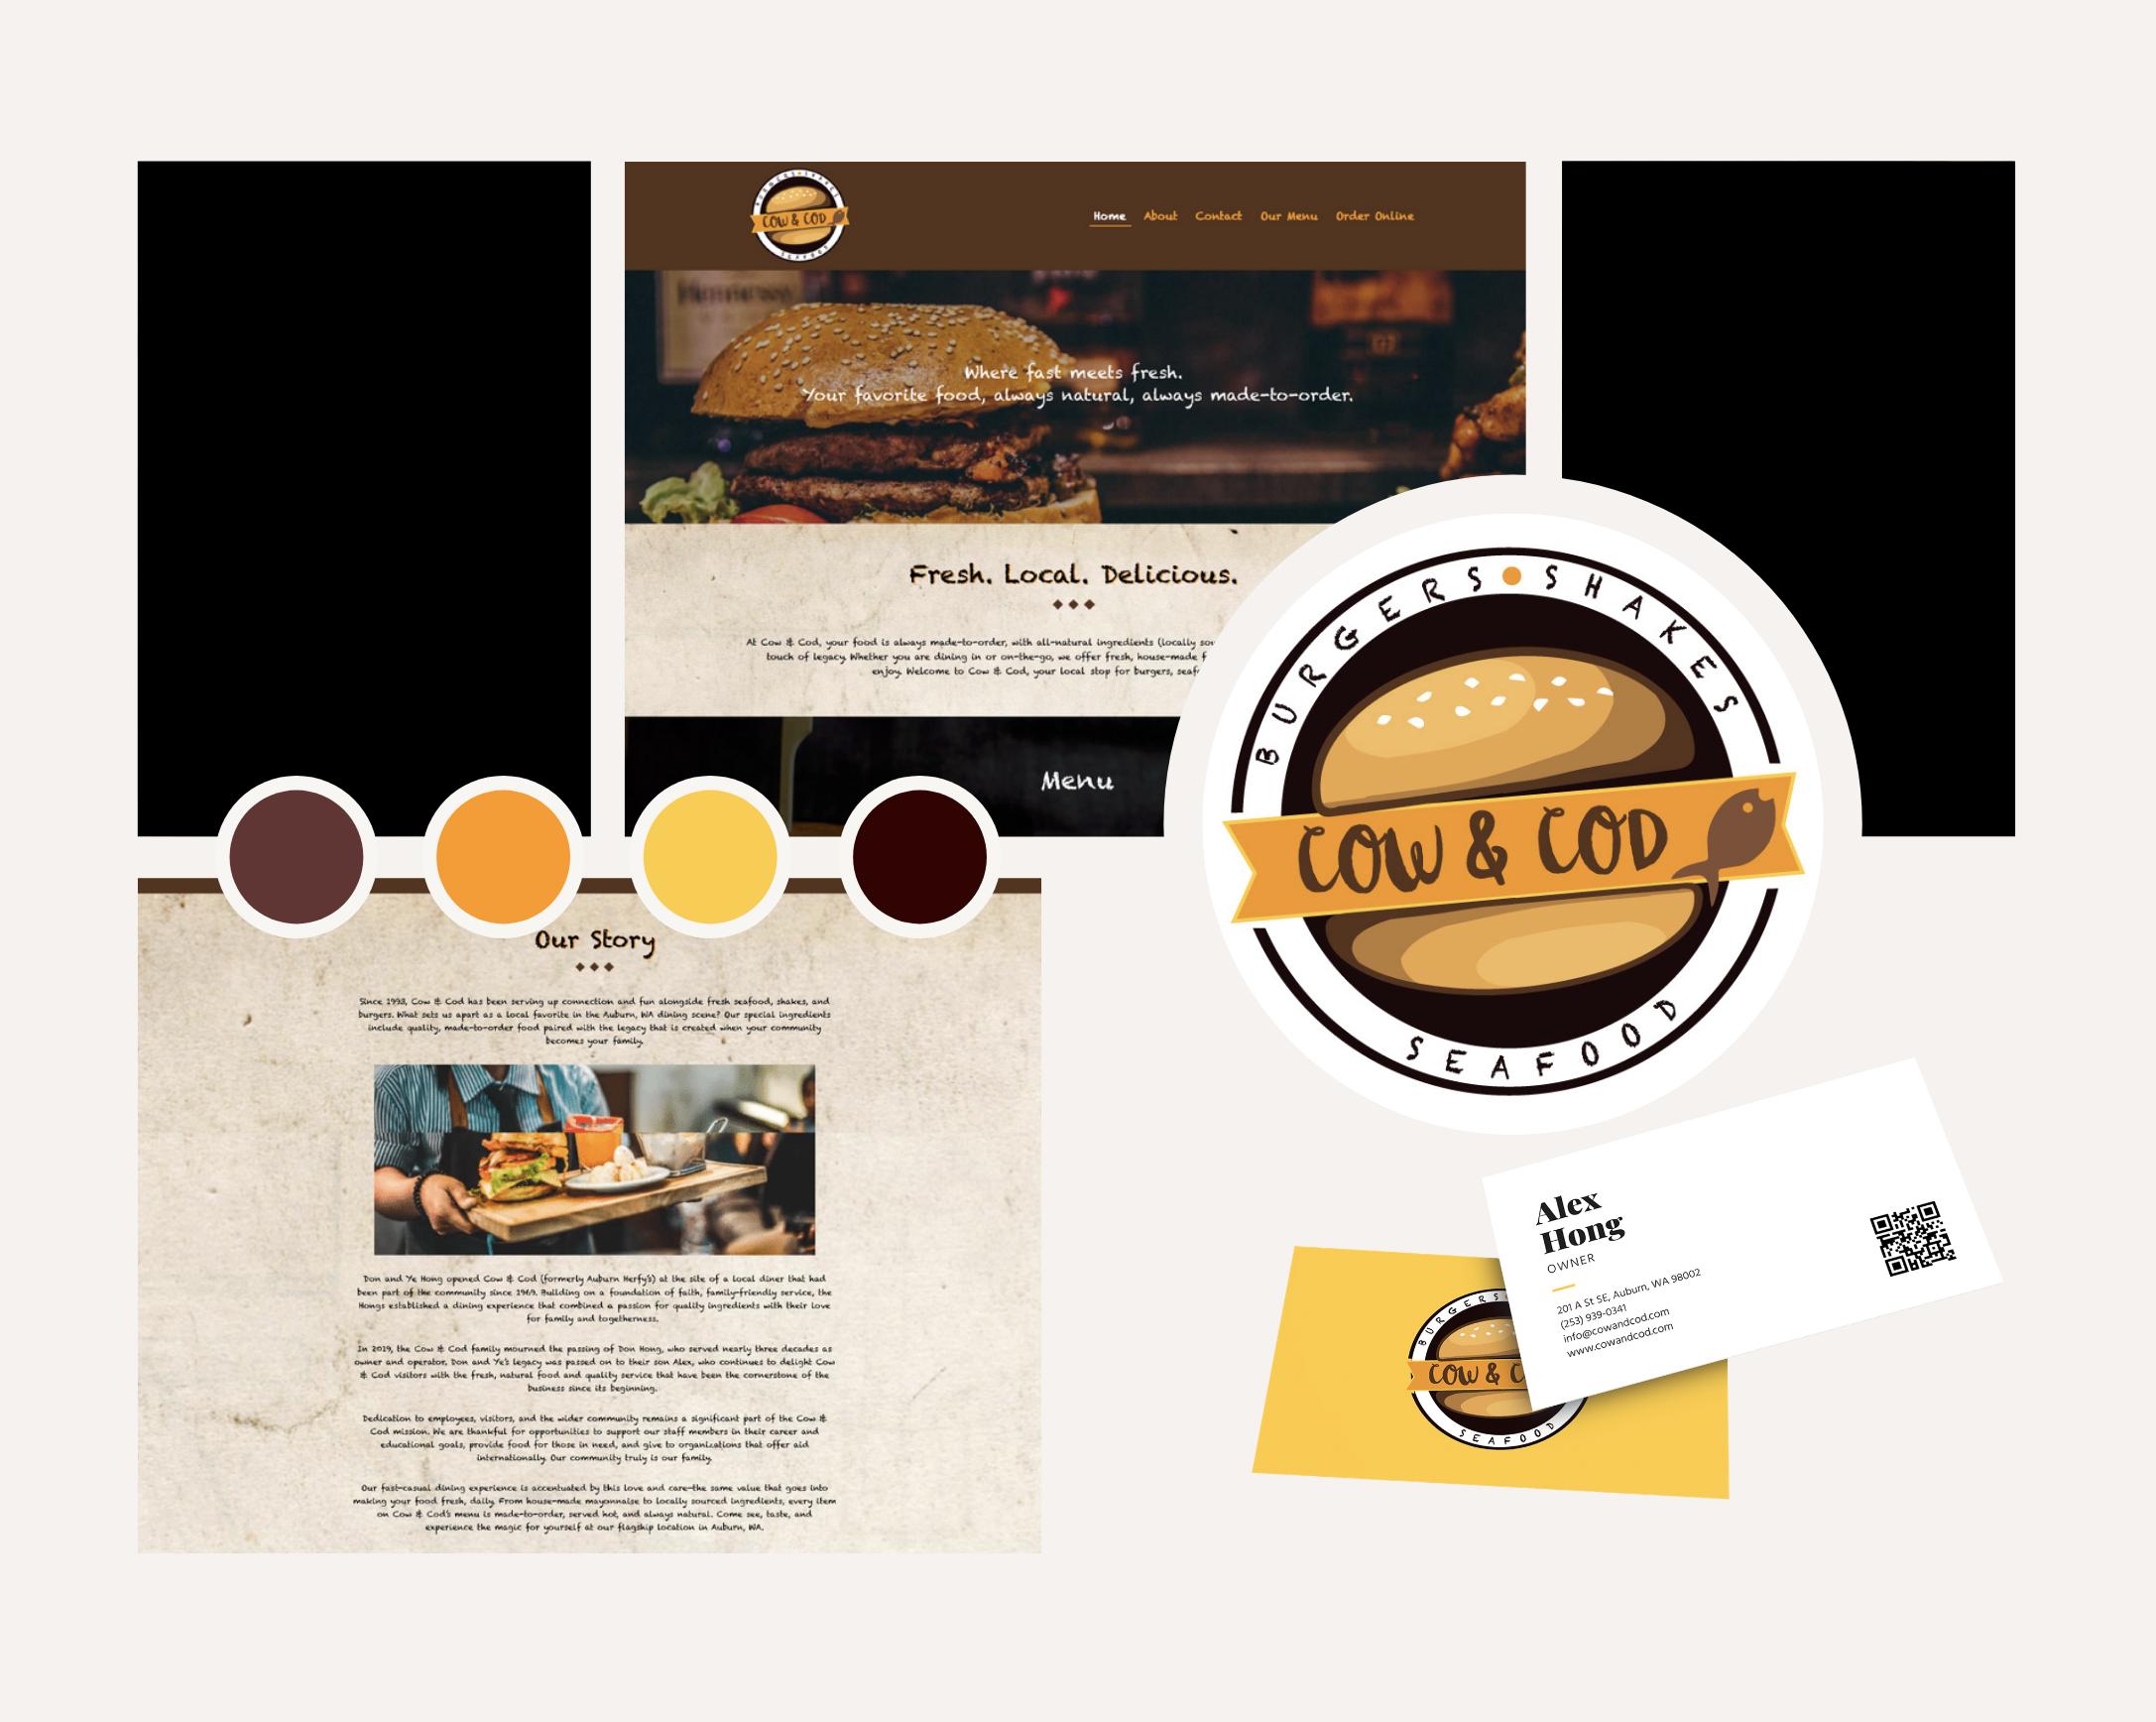 Cow & Cod Web Design Branding and website design built on divi platform